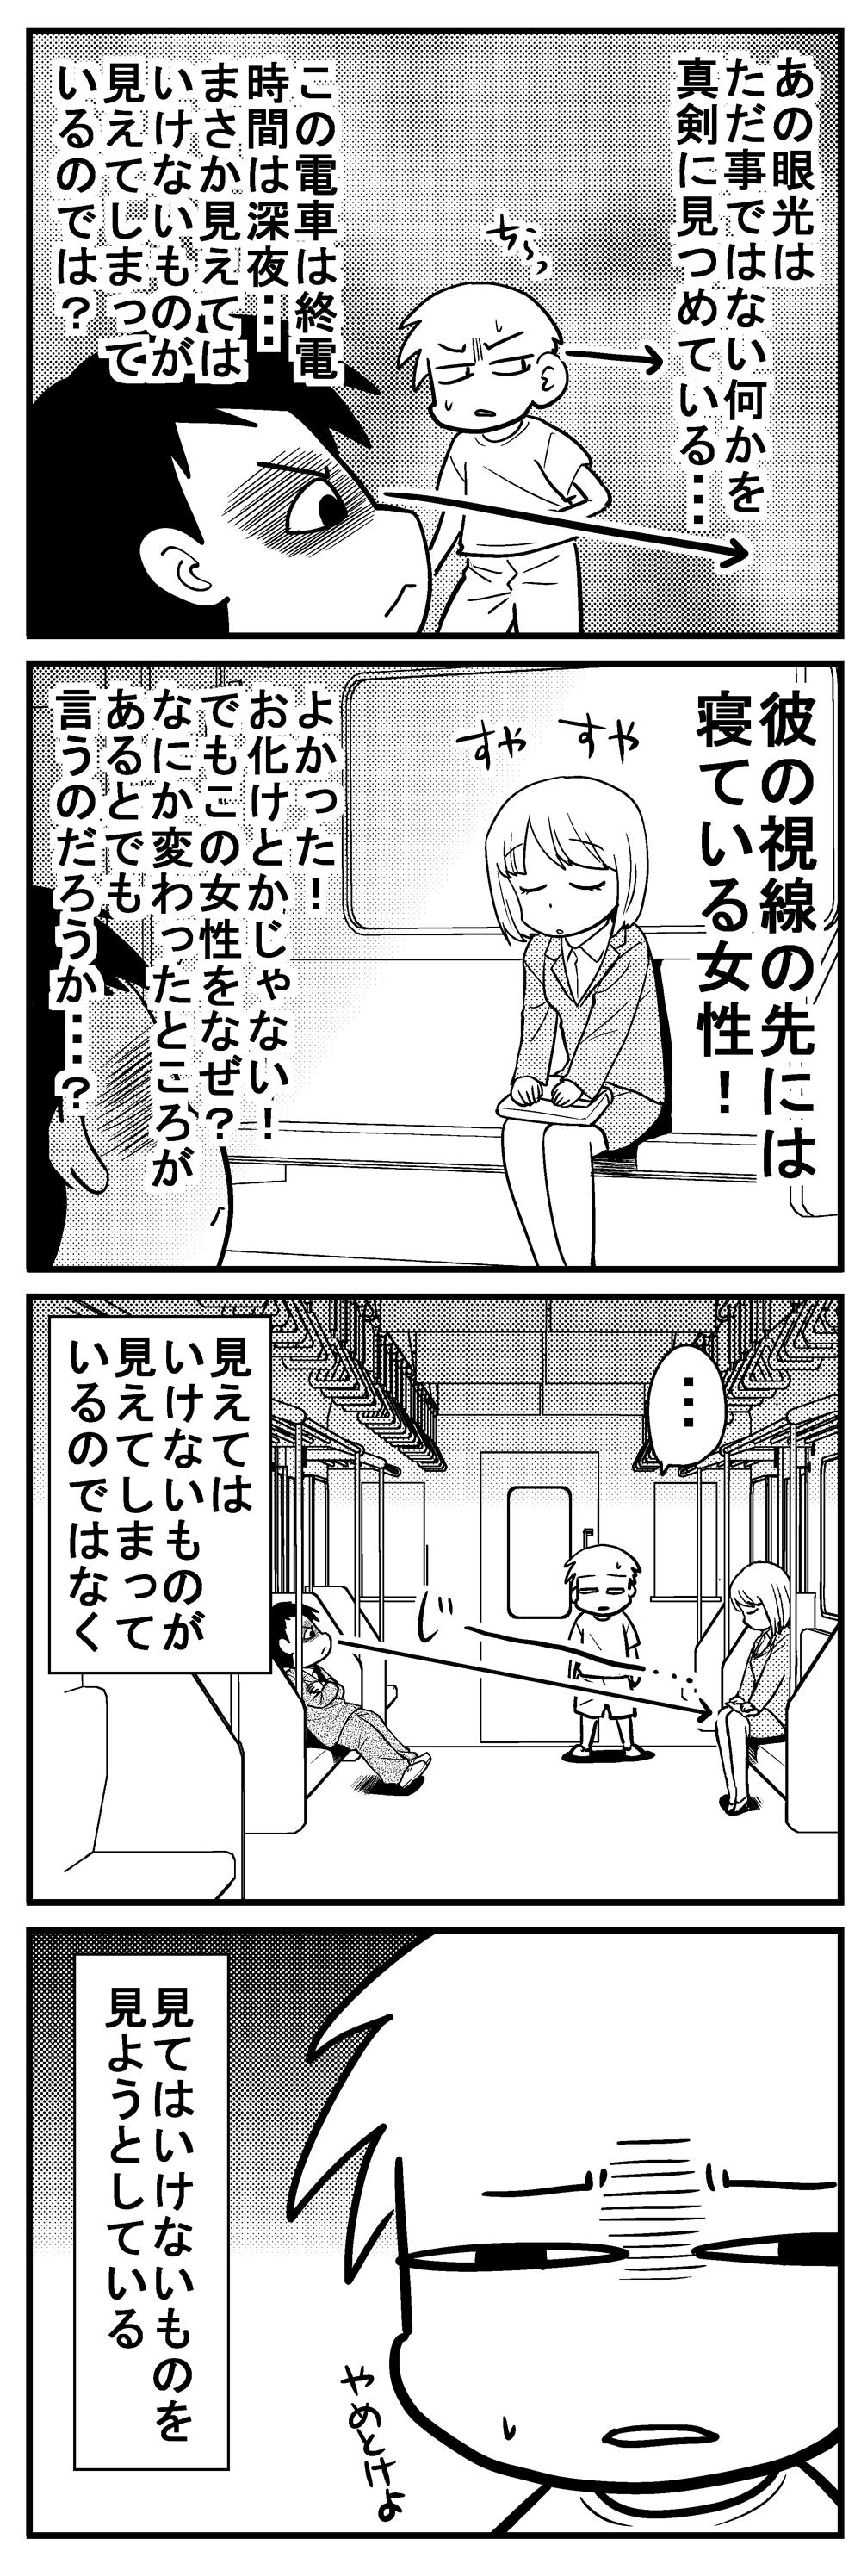 深読みくん143-2